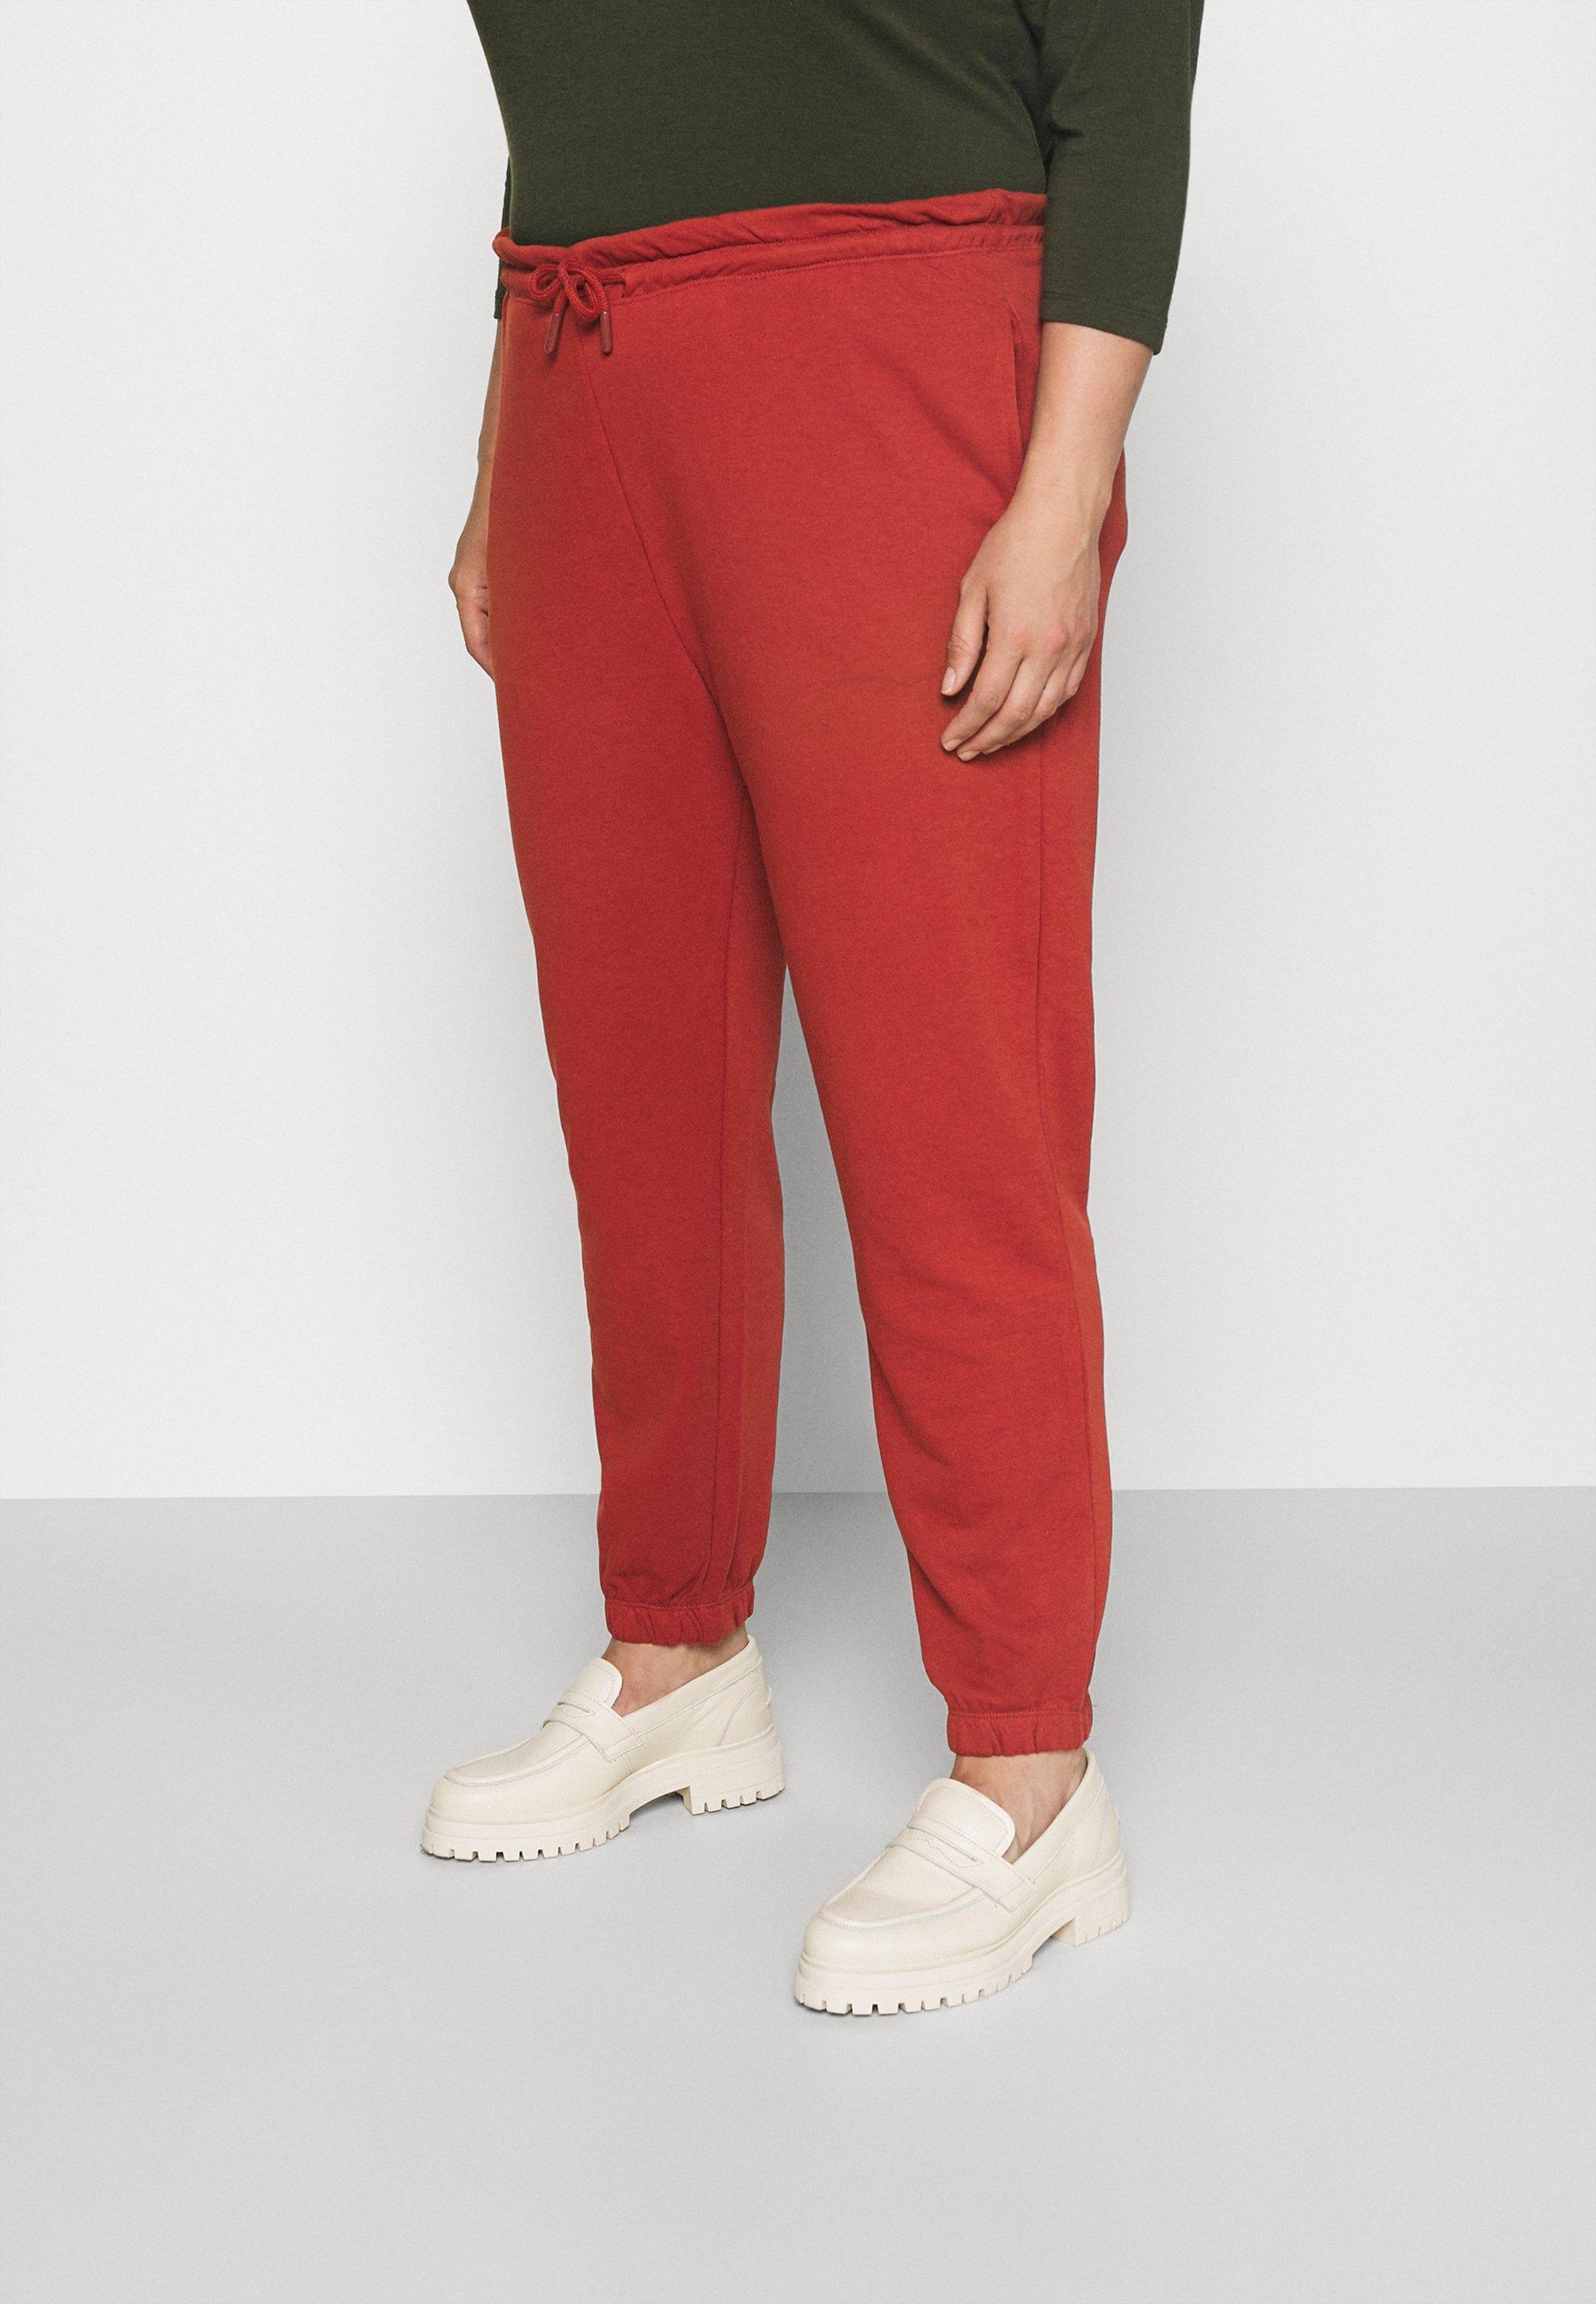 Femme CARLESS LIFE PAPERBAG PANTS - Pantalon de survêtement